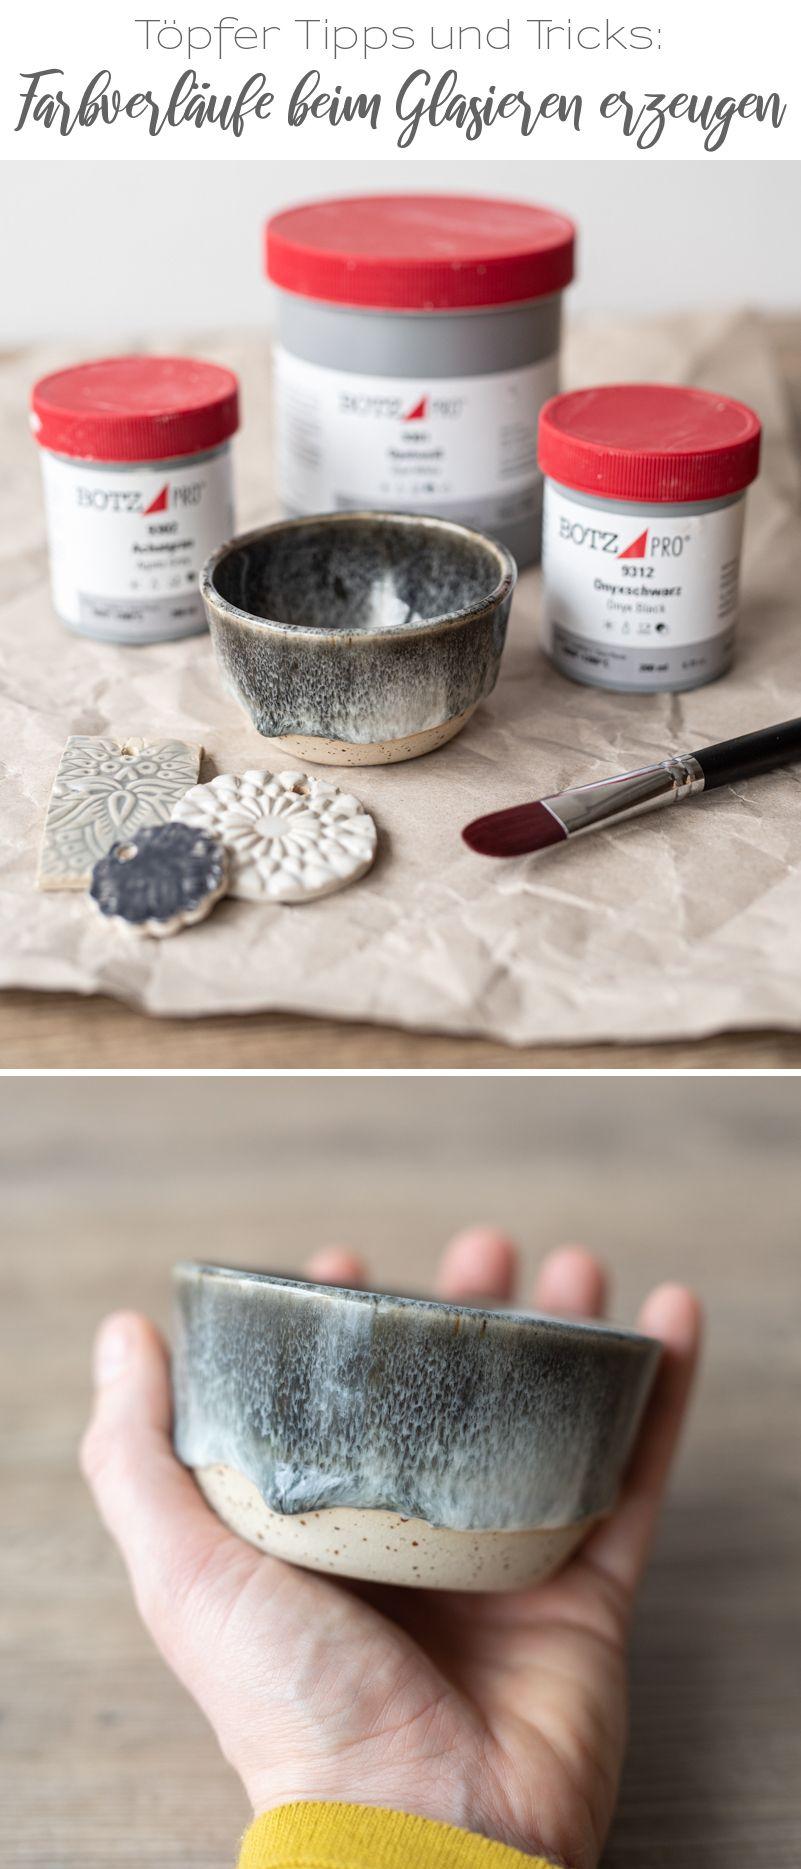 Mein Töpfertagebuch (9): Tipps für Farbverläufe beim Glasieren - Leelah Loves